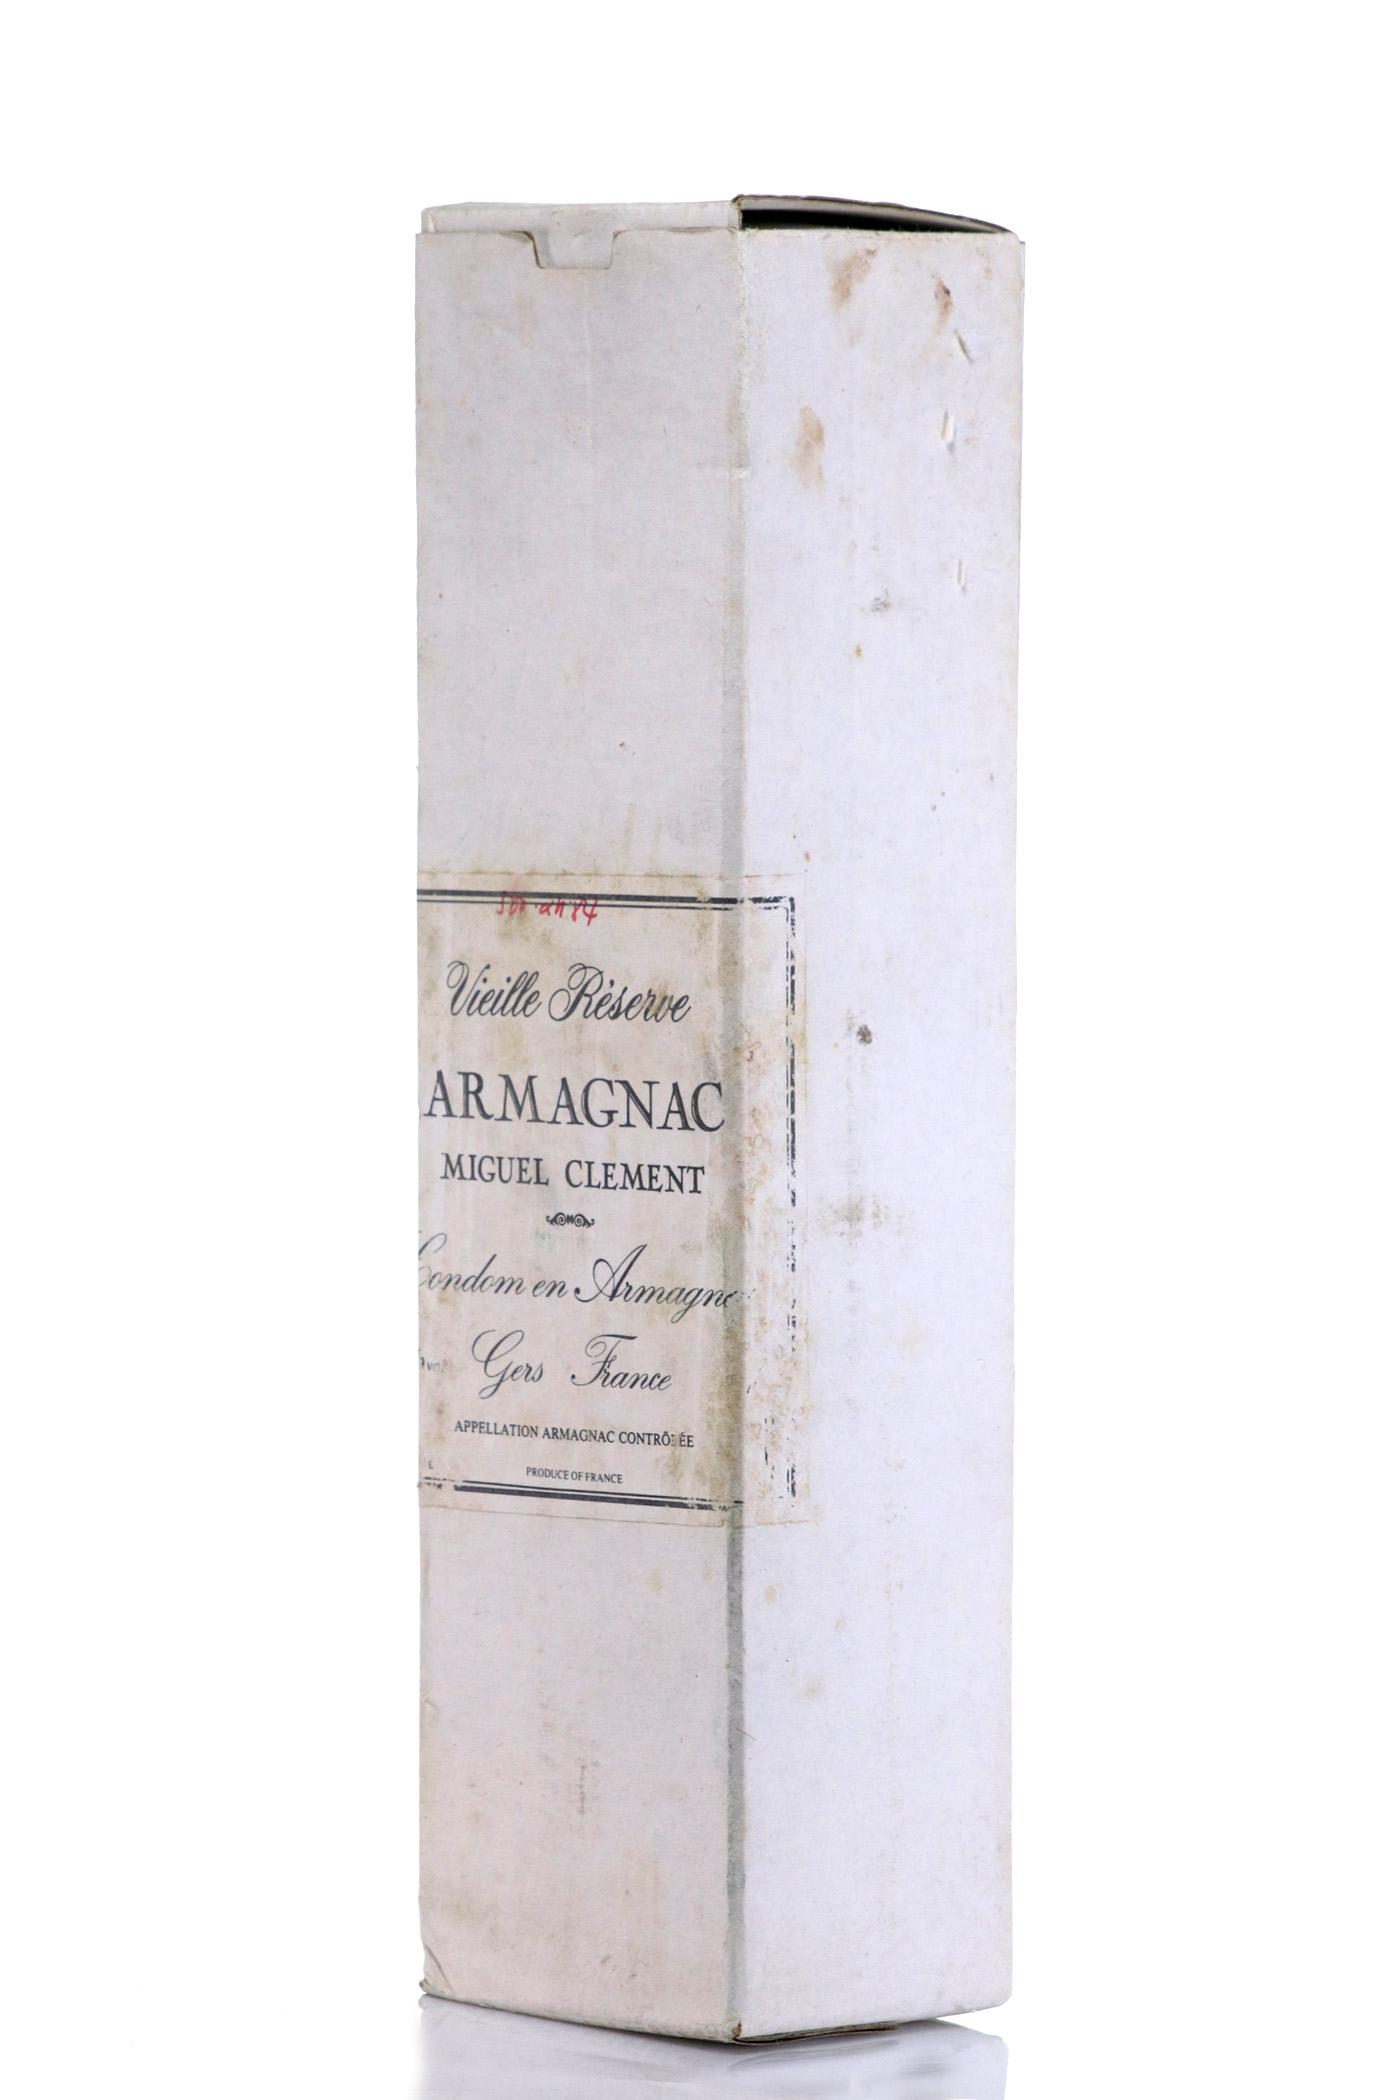 Armagnac 1939 Miguel Clement